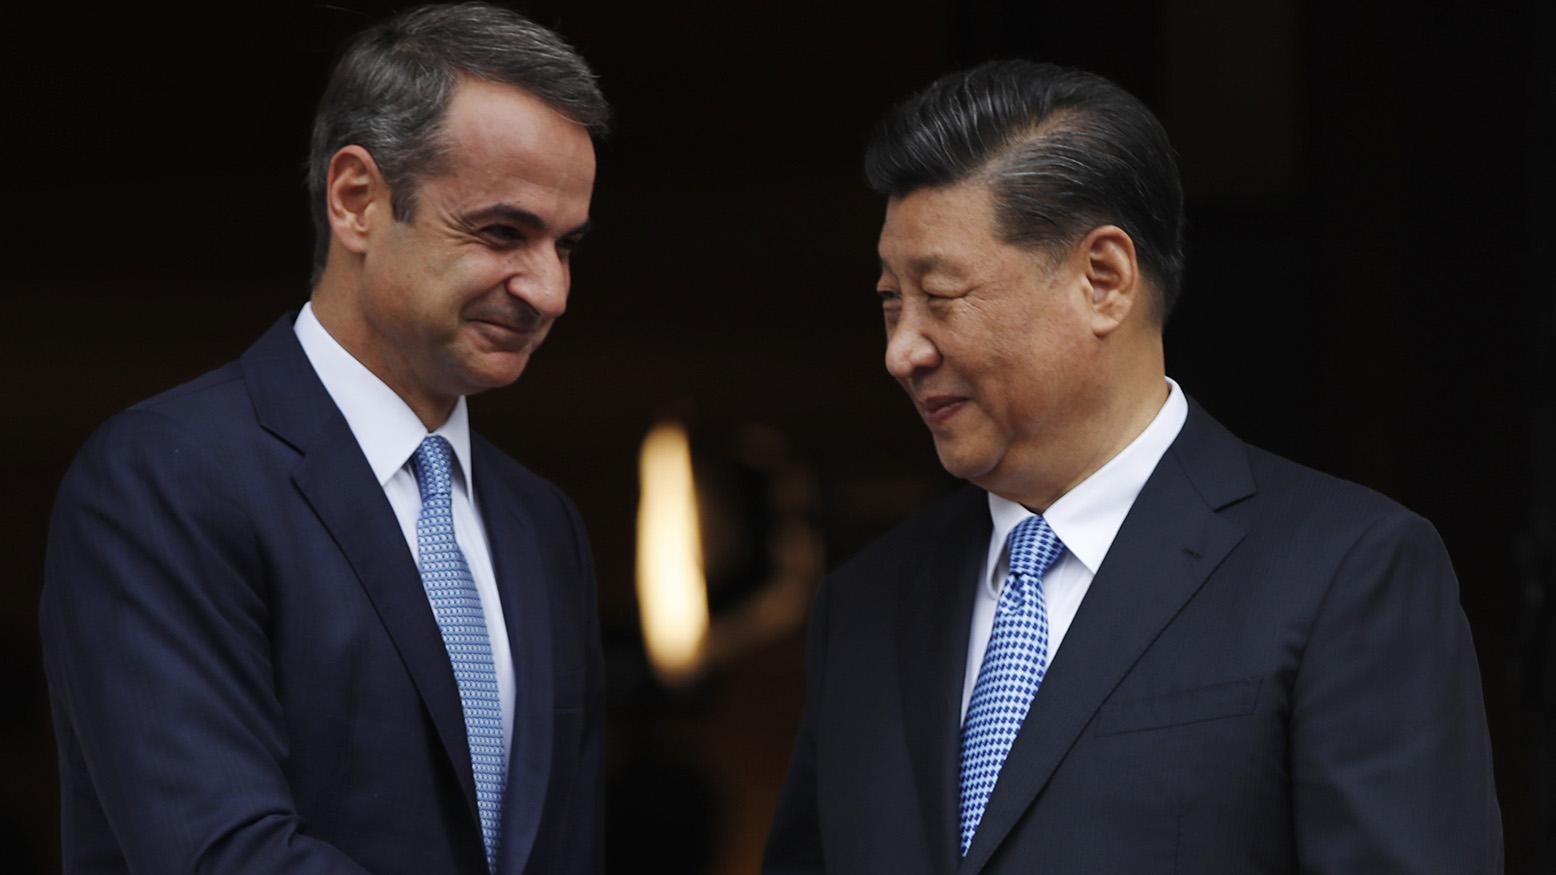 2019年11月11日,在四中全会之后不久,中国国家主席习近平出席外事活动。图为习近平(右)在雅典同希腊总理米佐塔基斯会谈。 (美联社)